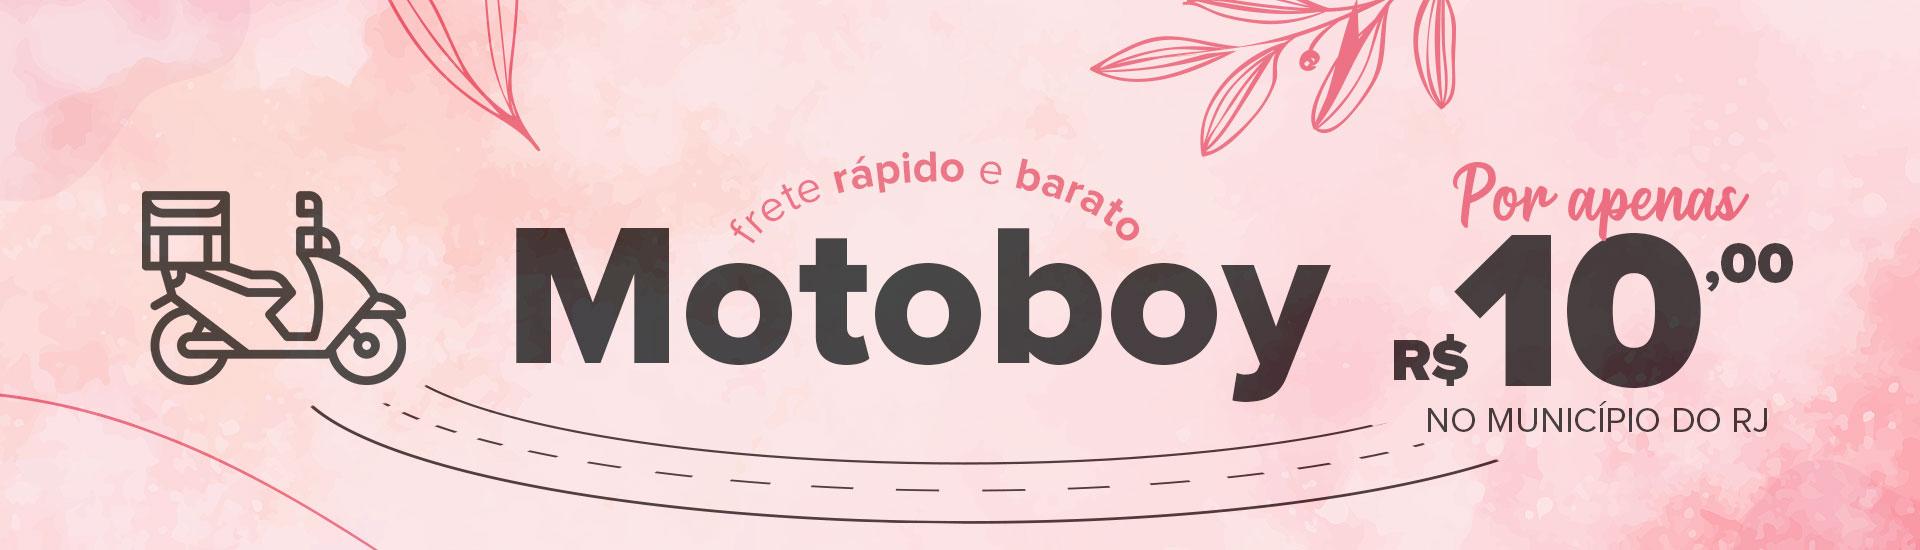 Motoboy R$10